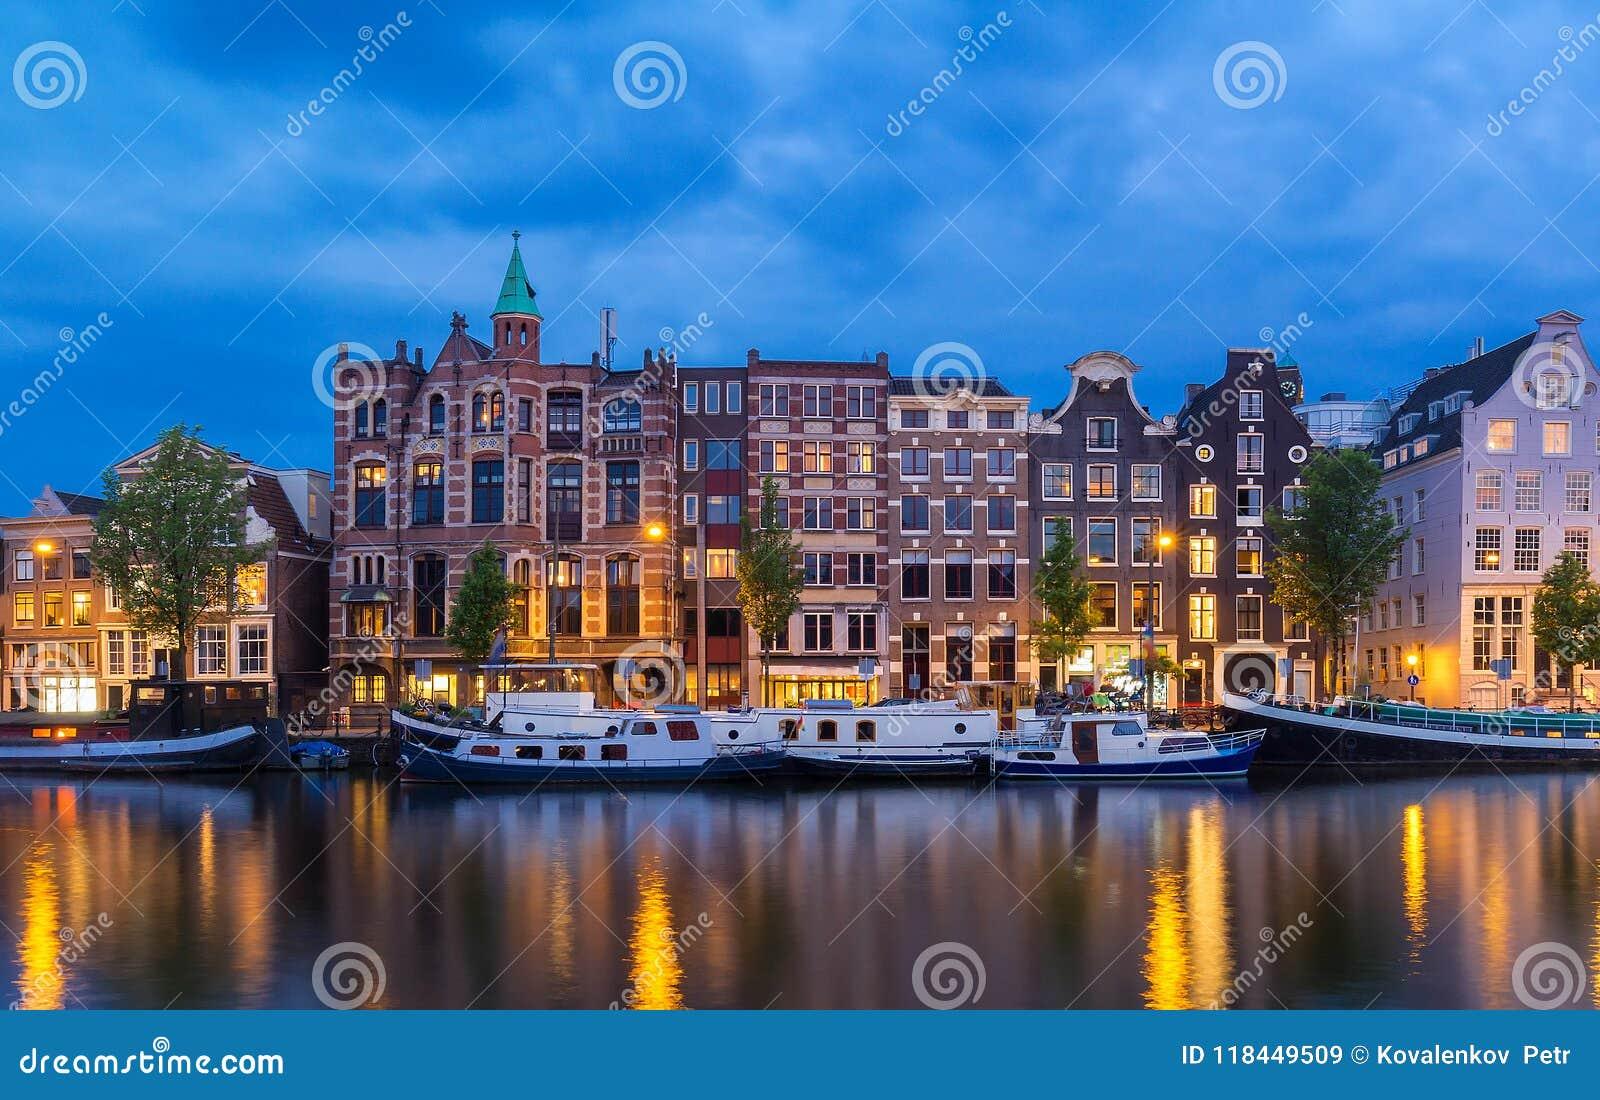 夜阿姆斯特丹运河、典型的荷兰房子和小船,荷兰,荷兰城市视图